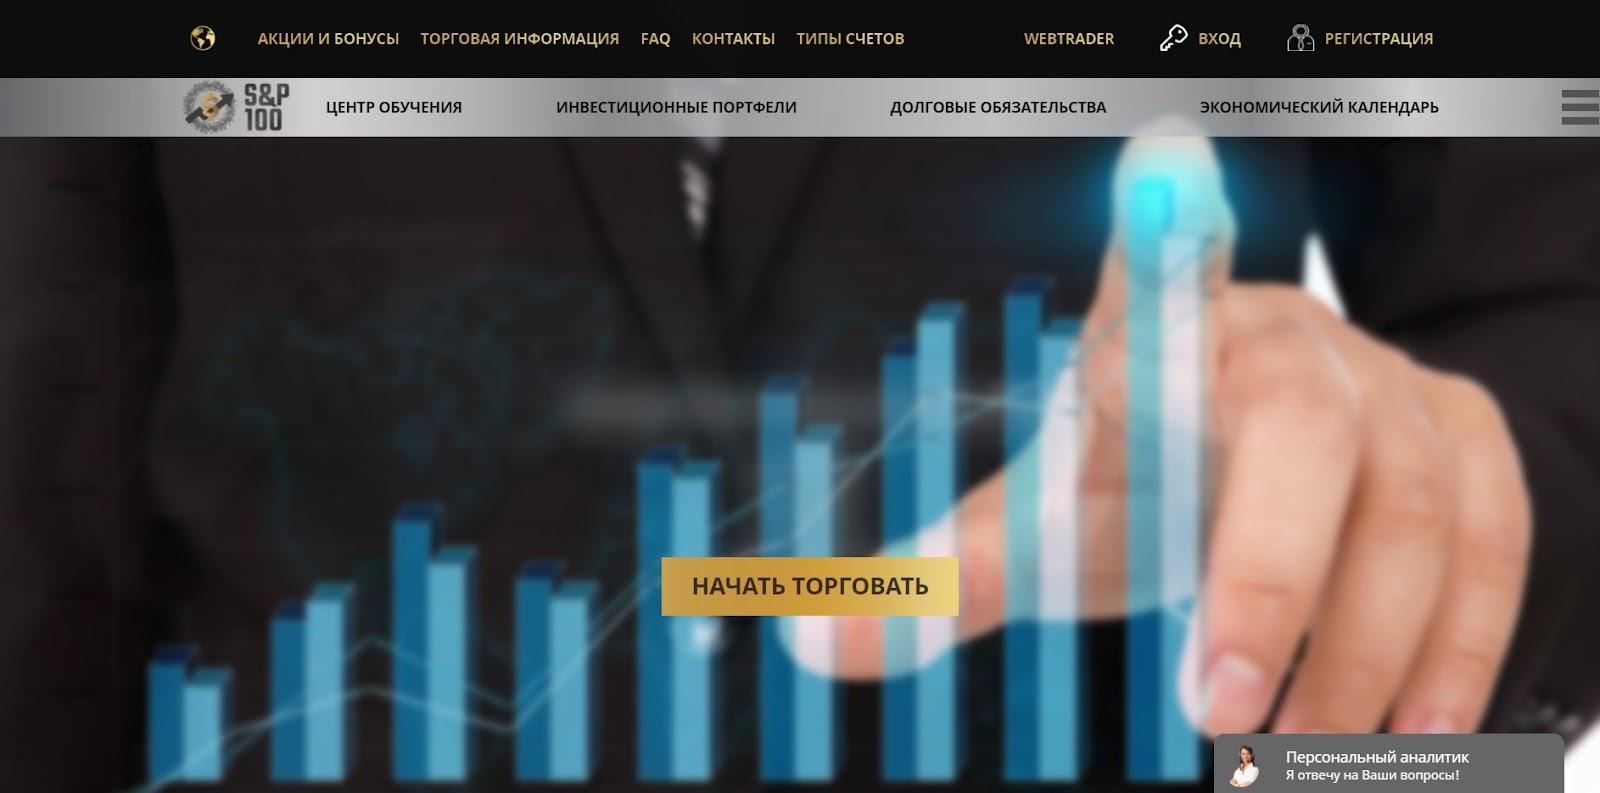 S&P100: отзывы клиентов, обзор информации и рекомендации экспертов